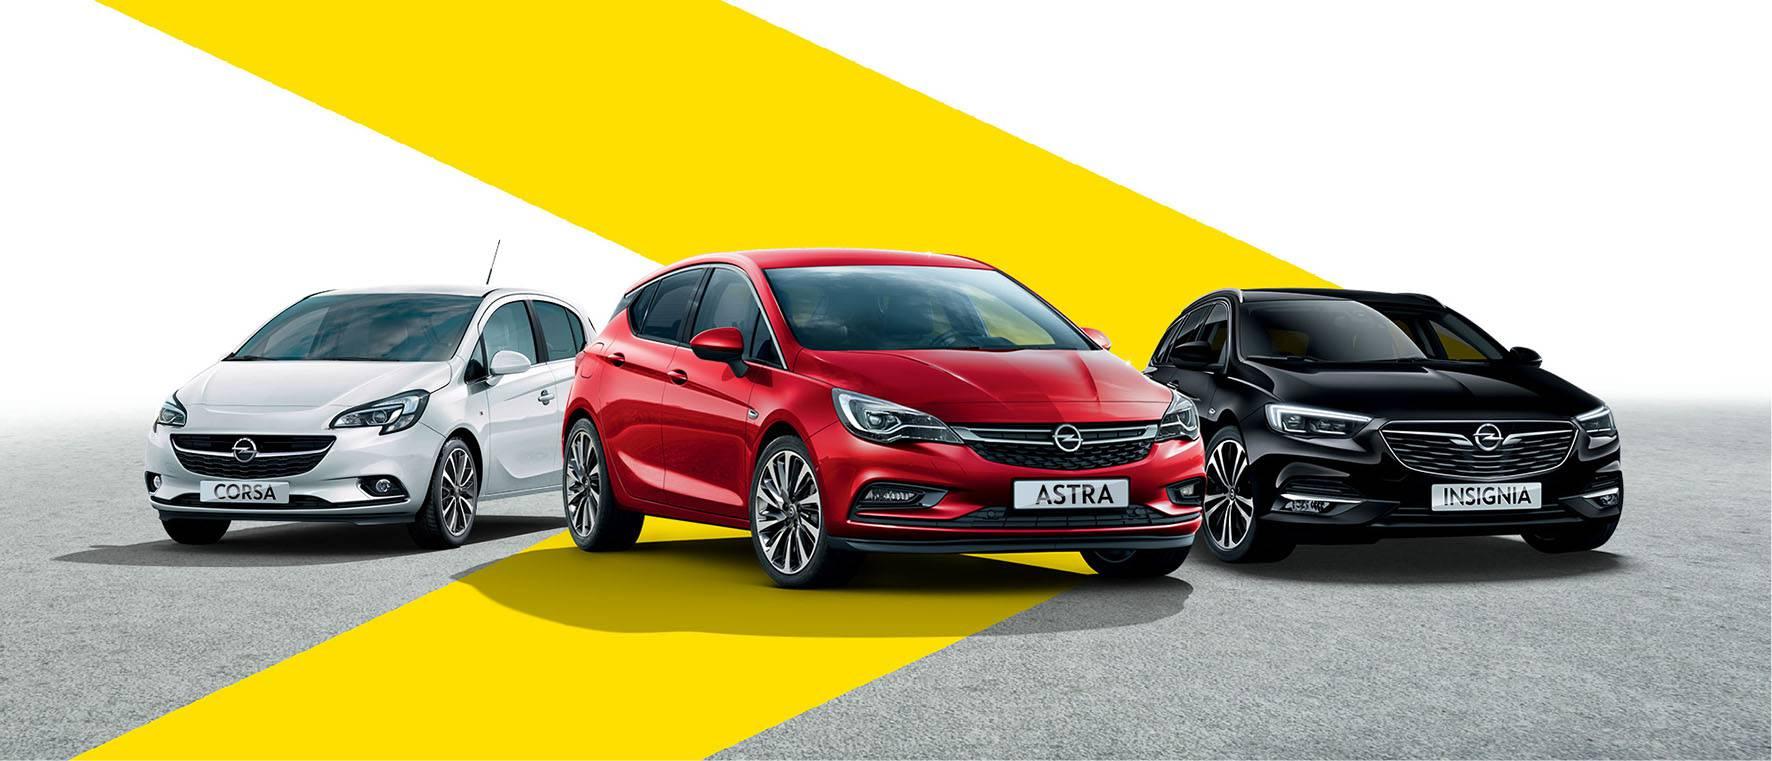 Iskoristite uštede pri kupnji Opel vozila u PSC centrima